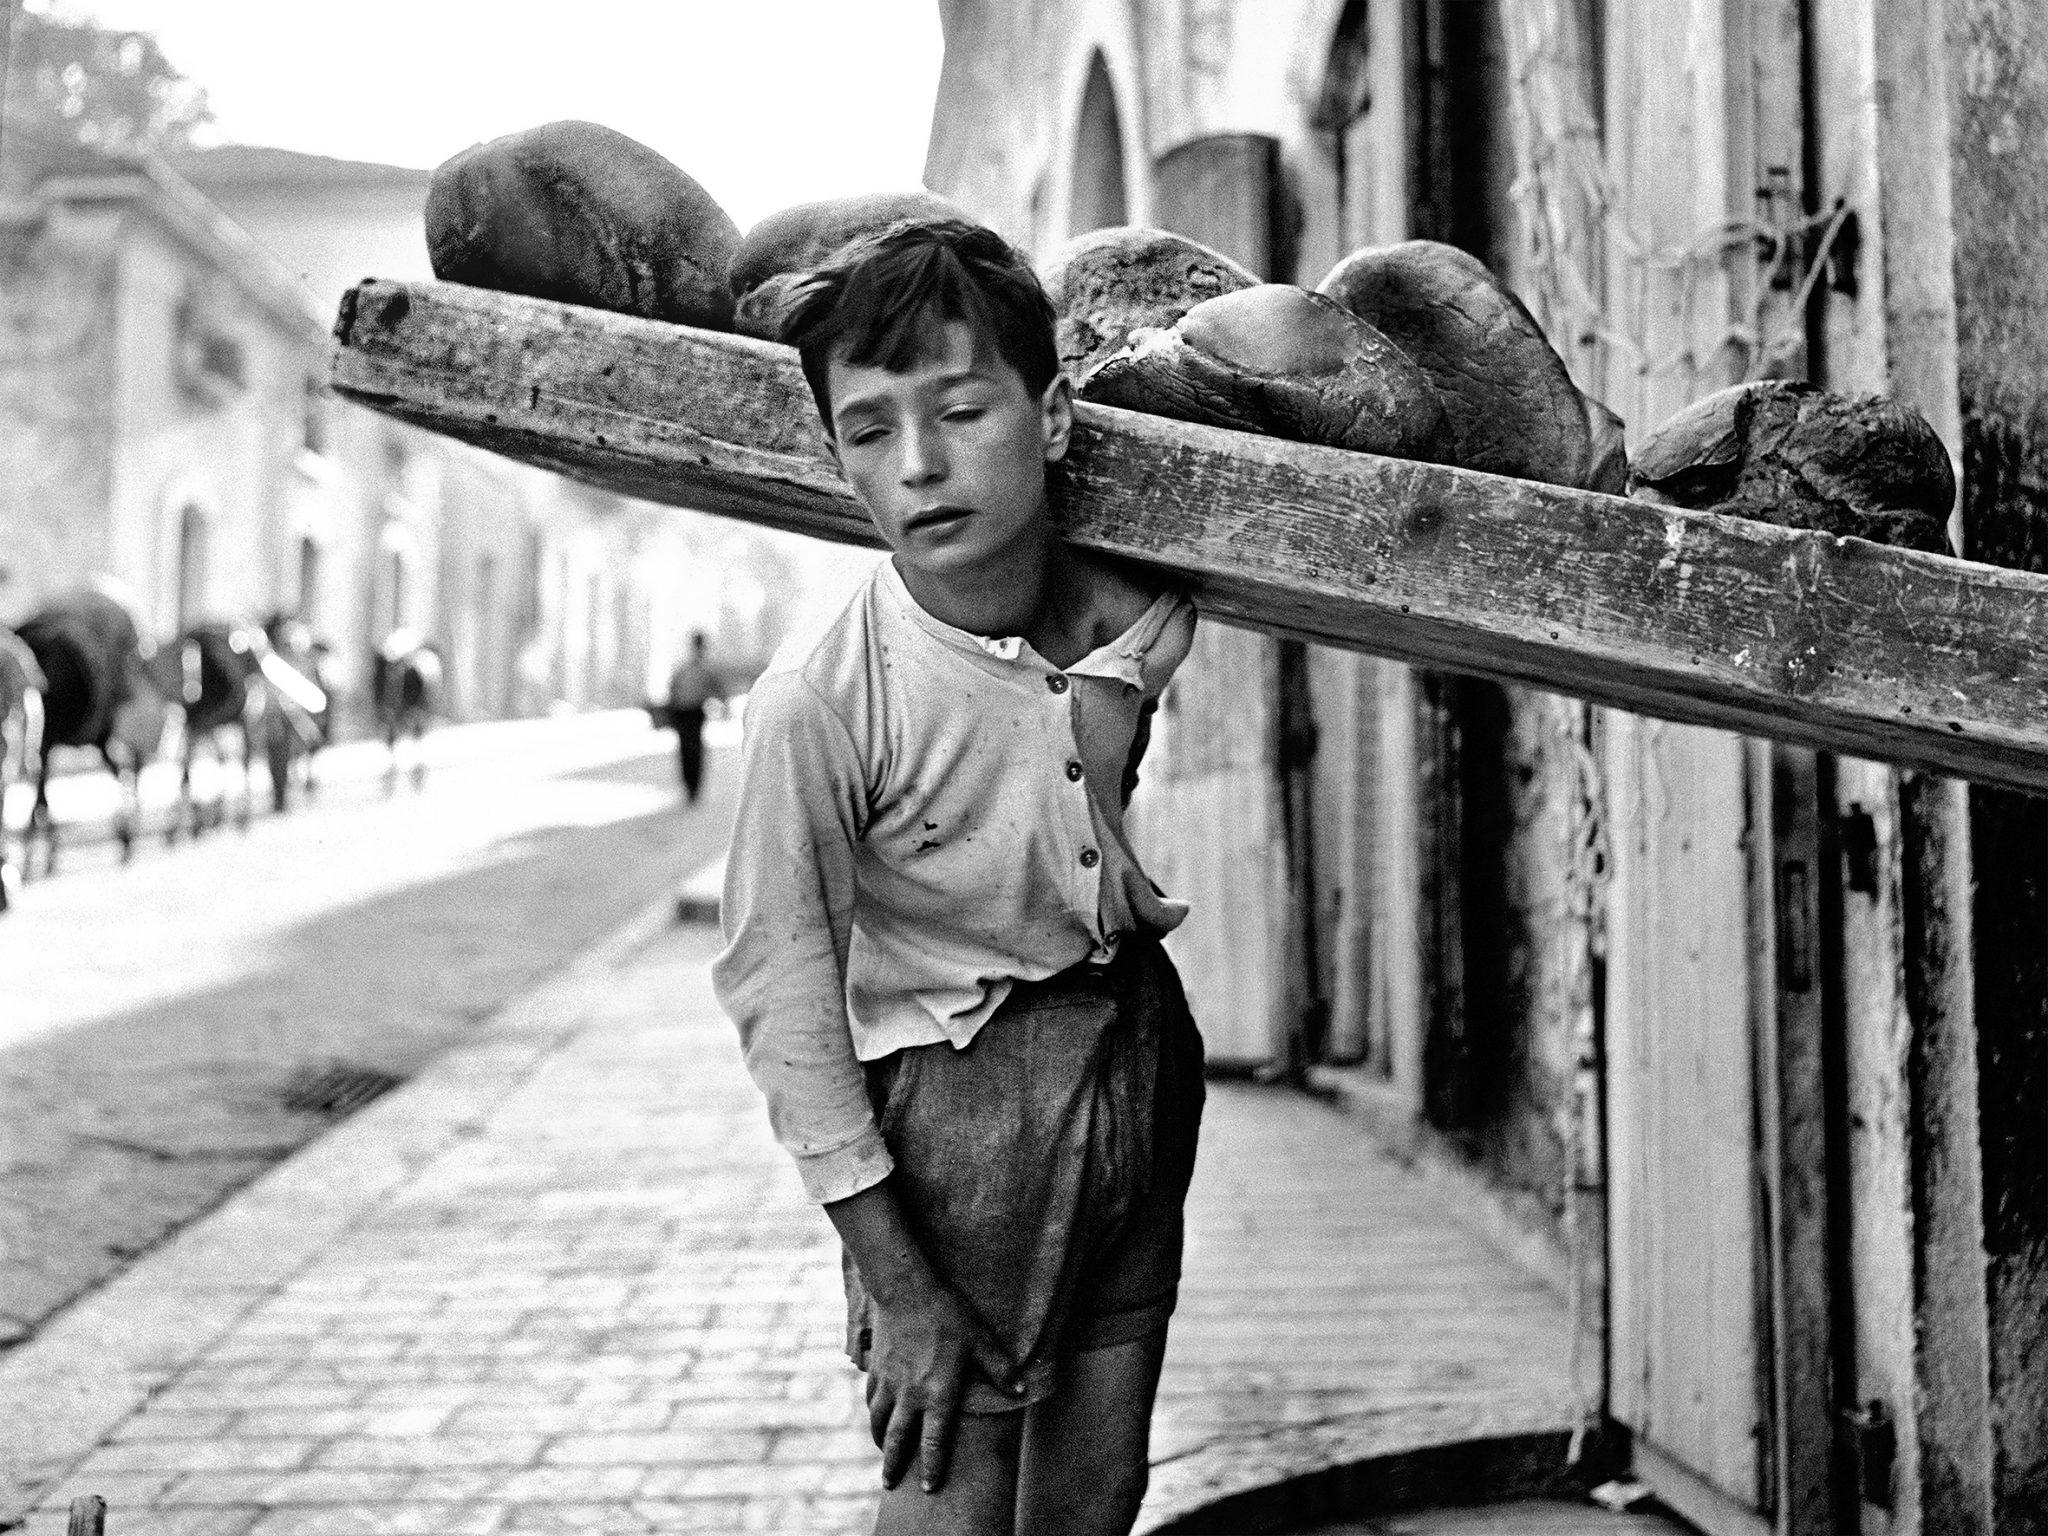 Nino Migliori_Portatore di pane_1956_© Fondazione Nino Migliori.